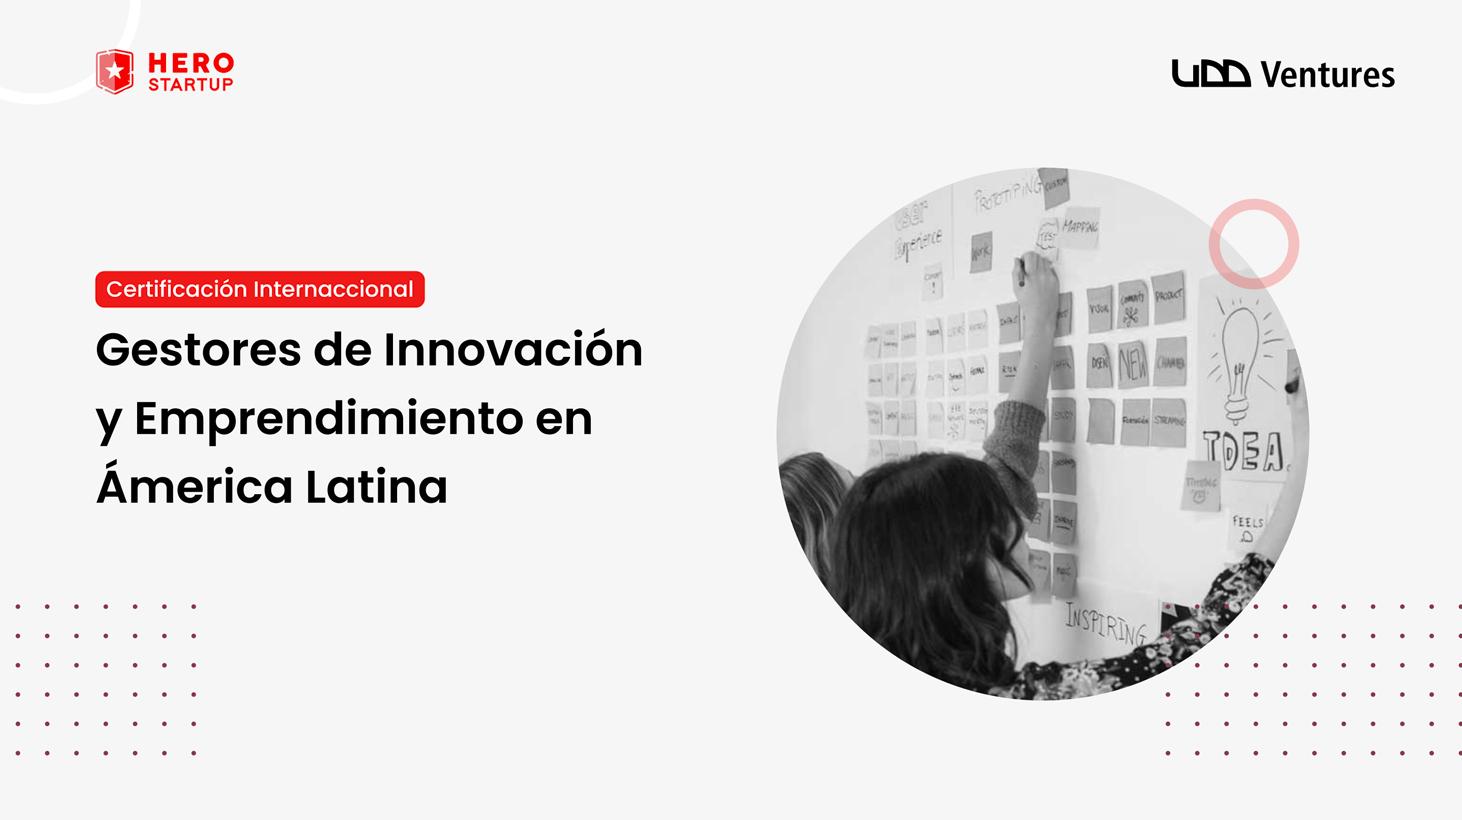 Certificación internacional para gestores en innovación y emprendimiento.